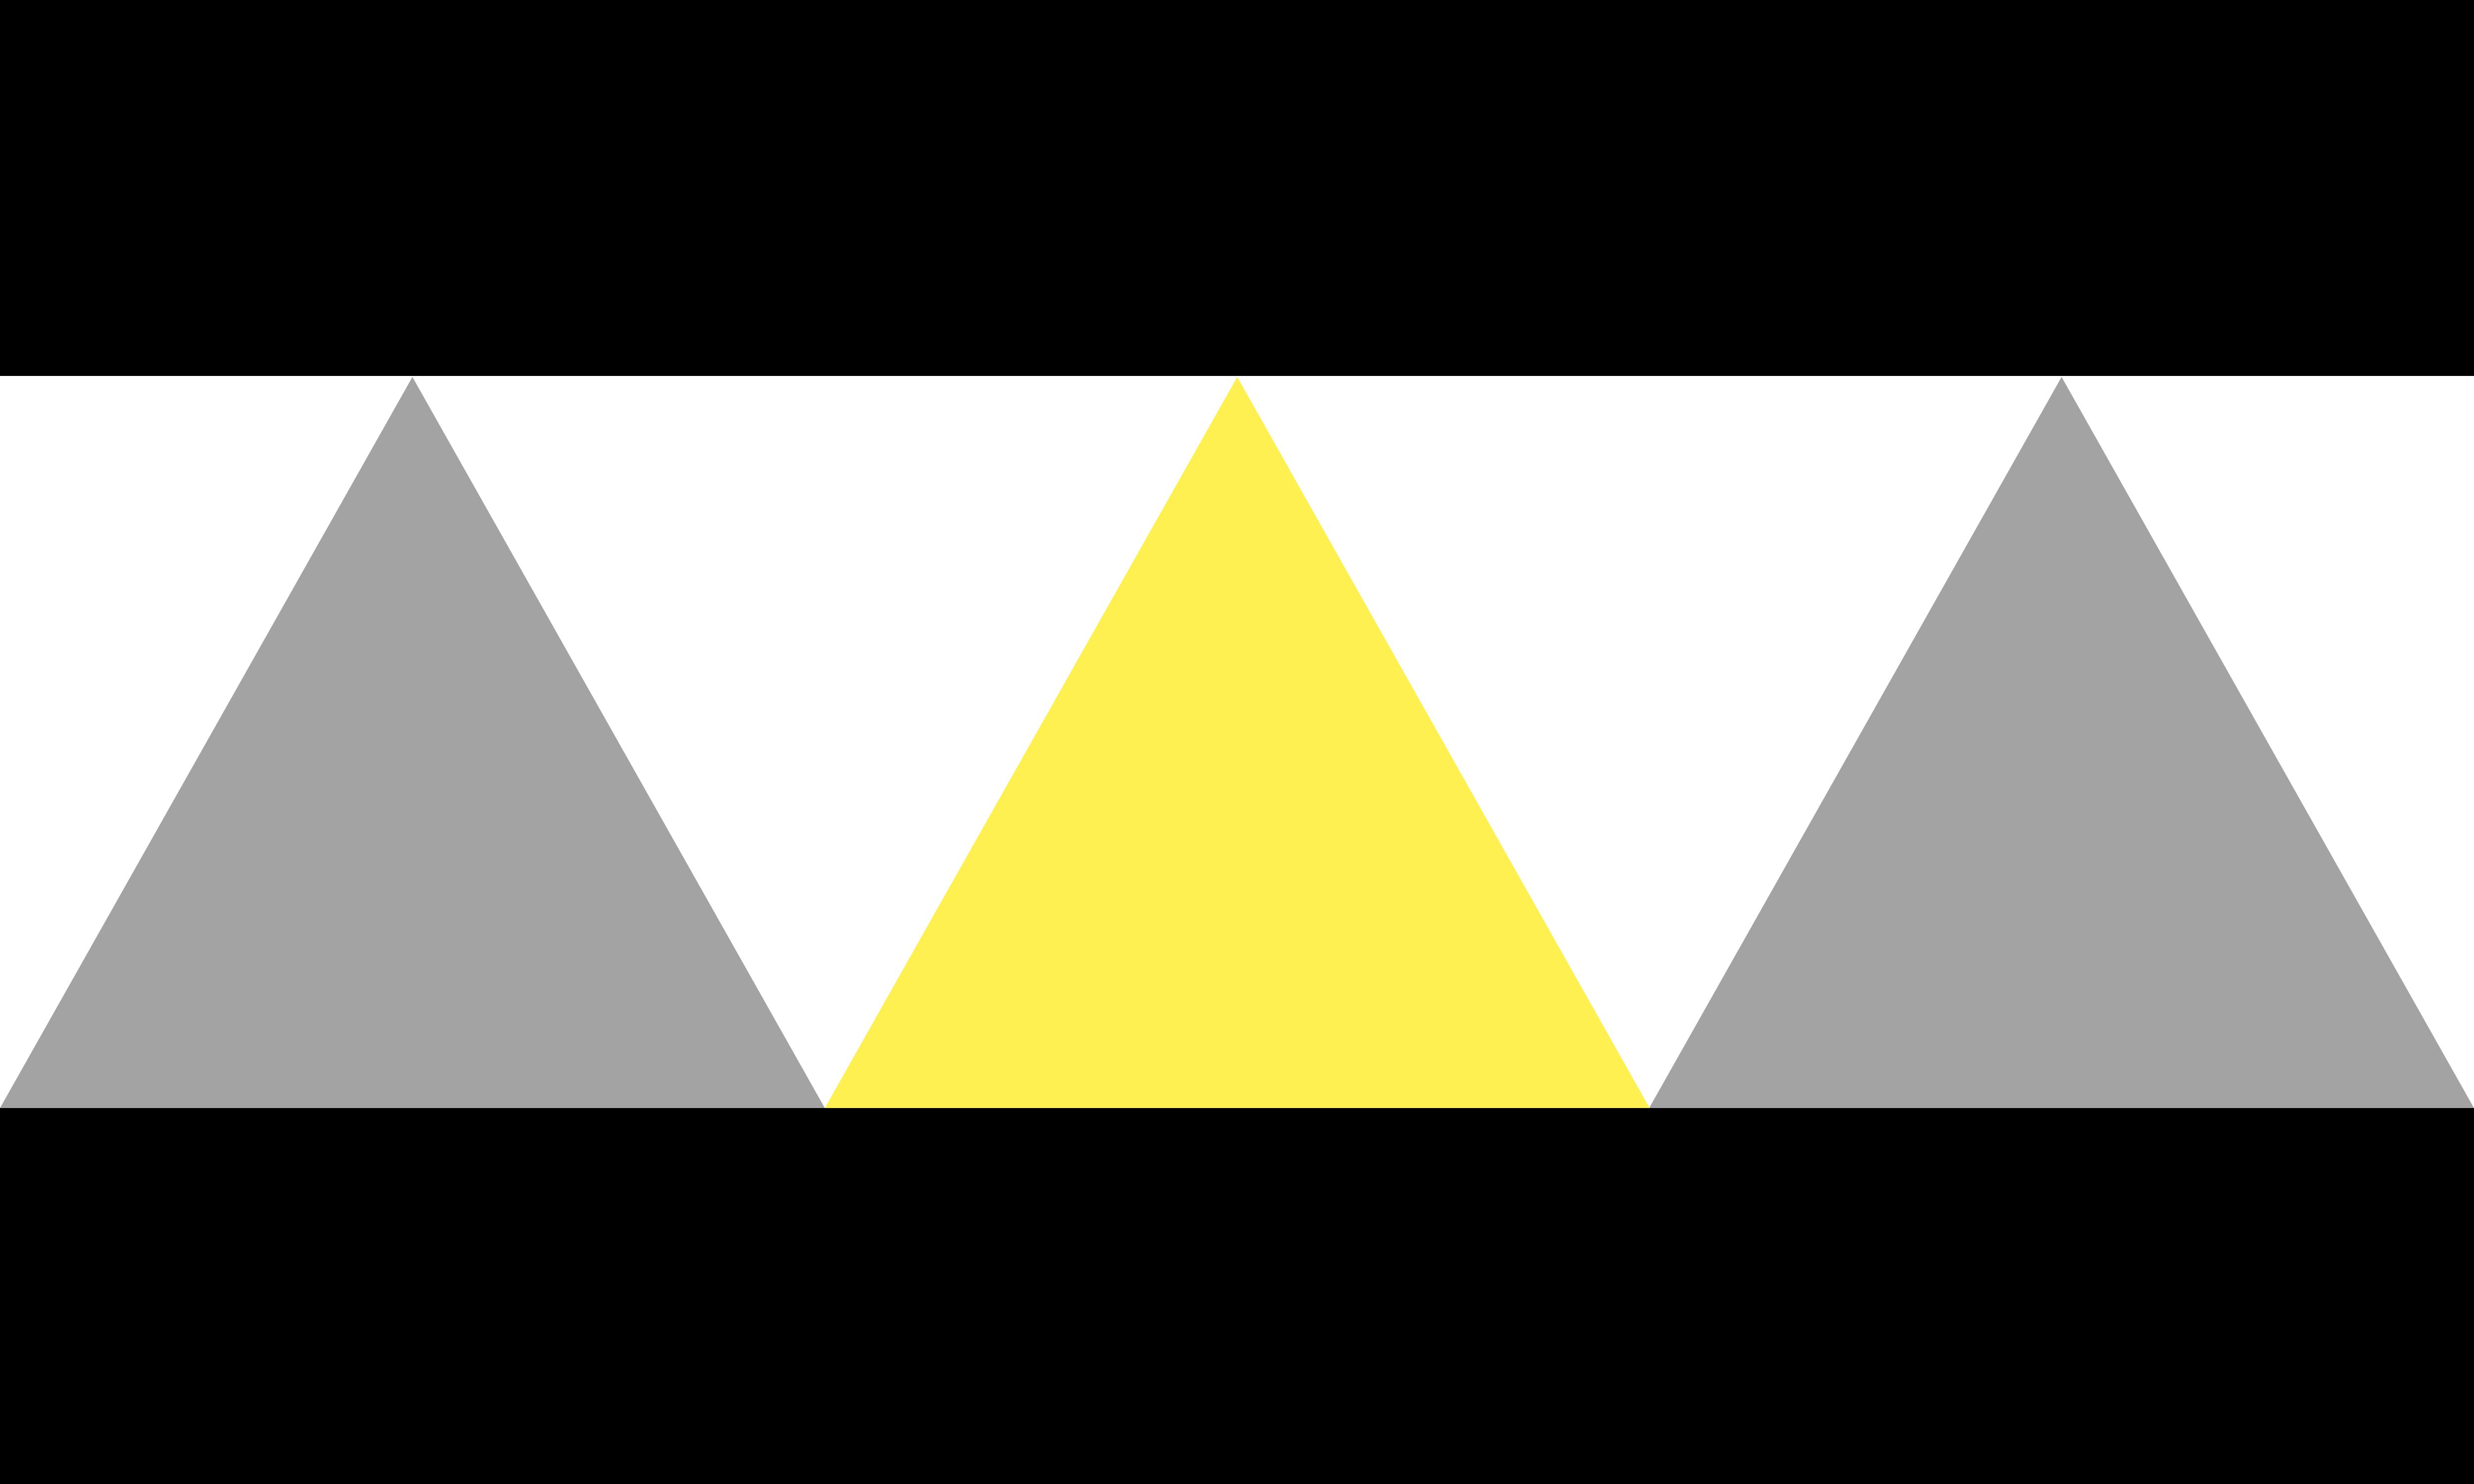 Aplatonispike (1)